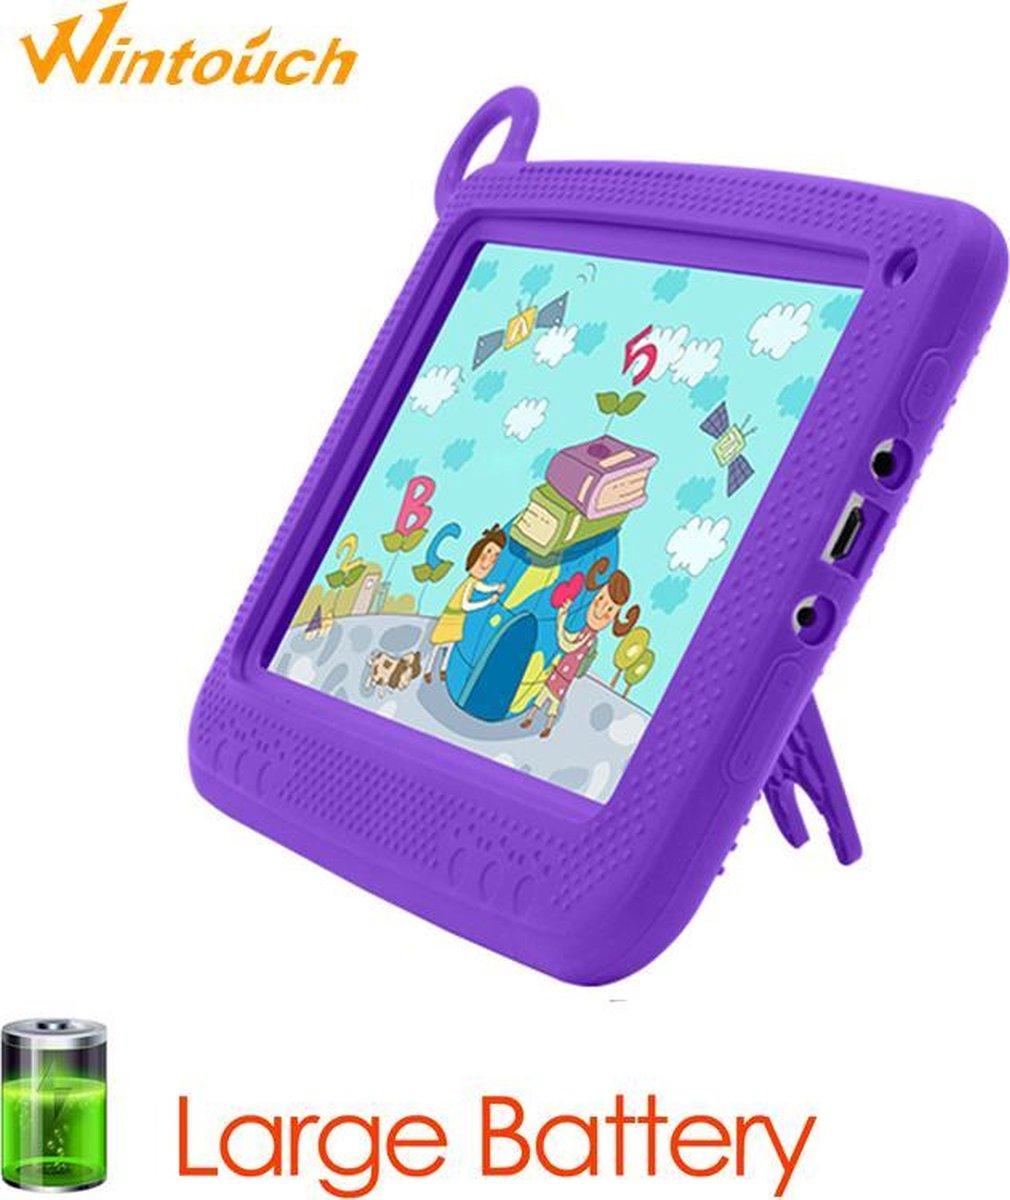 Kindertablet Pro Paars - Tablet 7 inch - 16 GB opslag - Kinder tablet - Android 8.1 - vanaf 3 jaar - tablets kinderen - kids tablet - Scherp HD beeld - leerzame voor kinderen - Wifi Bluetooth - voor-achter camera - Play store - uitstekende batterij